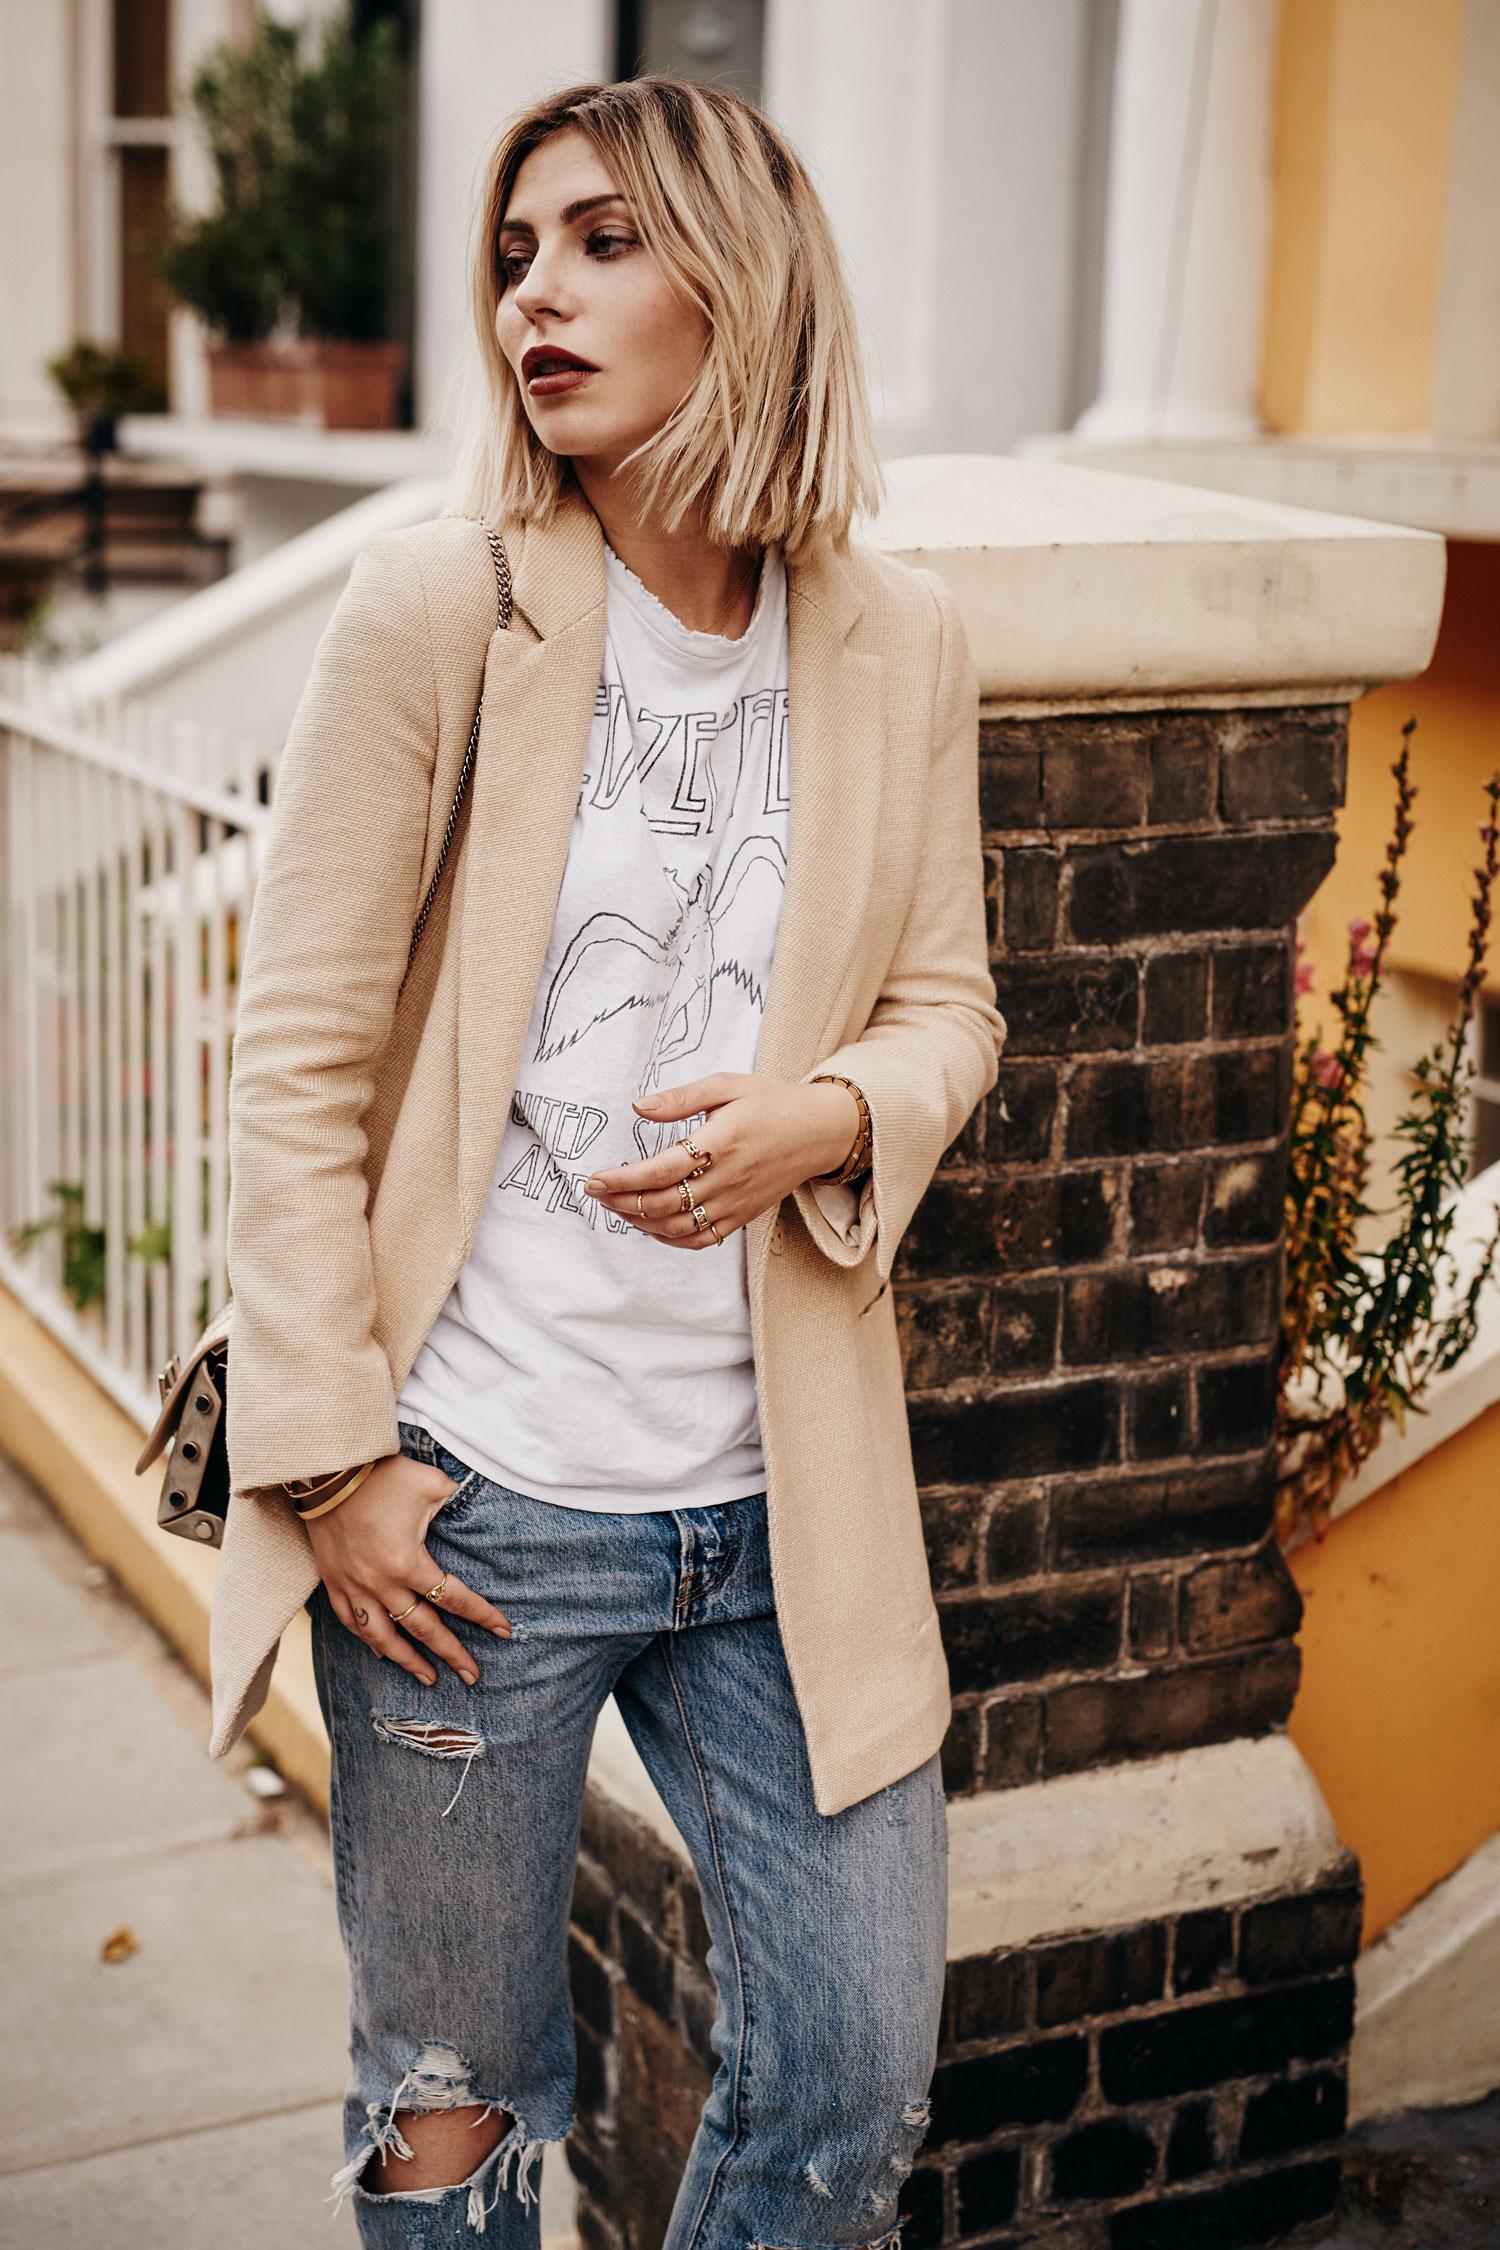 солнечная погода | образ и мода | стиль: горячий, повседневный, желтый, летний | расположение: Лондон, notting hill | лейблы: сандалии и сумка Jimmy Choo, джинсы Levis 501, пиджак Zara, винтажная рубашка группы Led Zeppelin | подробности ищите в моем блоге